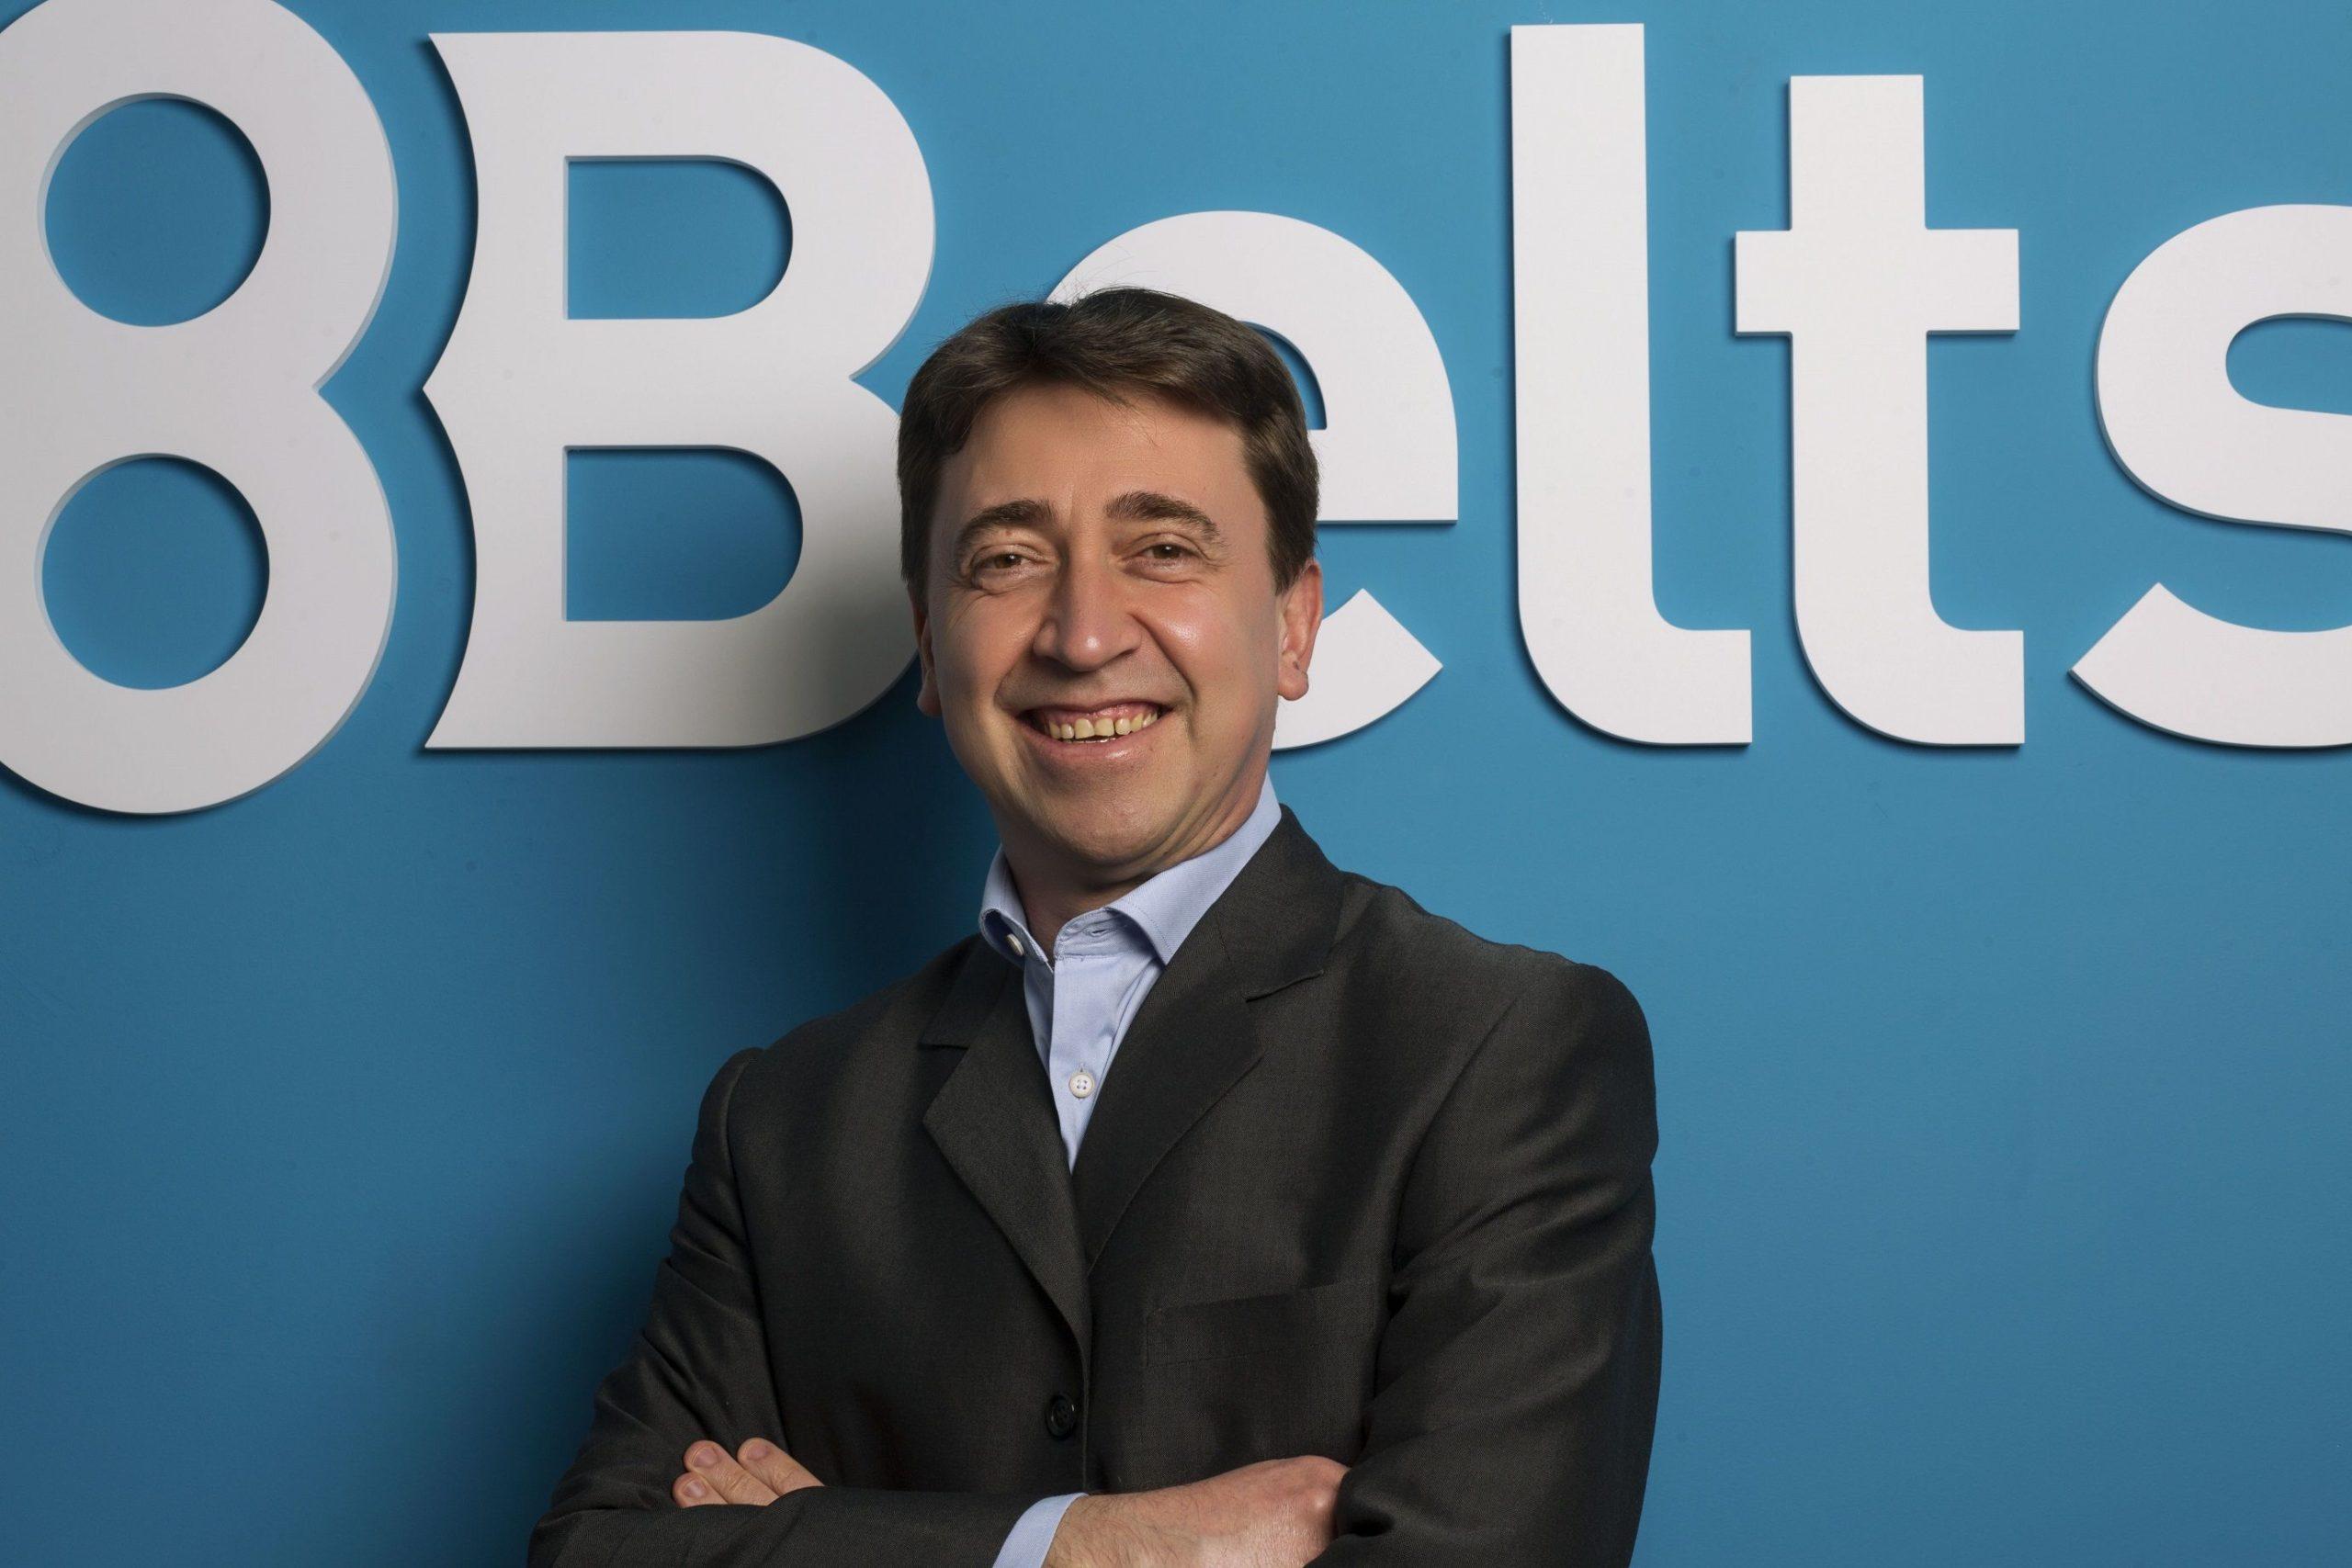 8Belts nombra a Alfonso de Blas Moreno nuevo director financiero